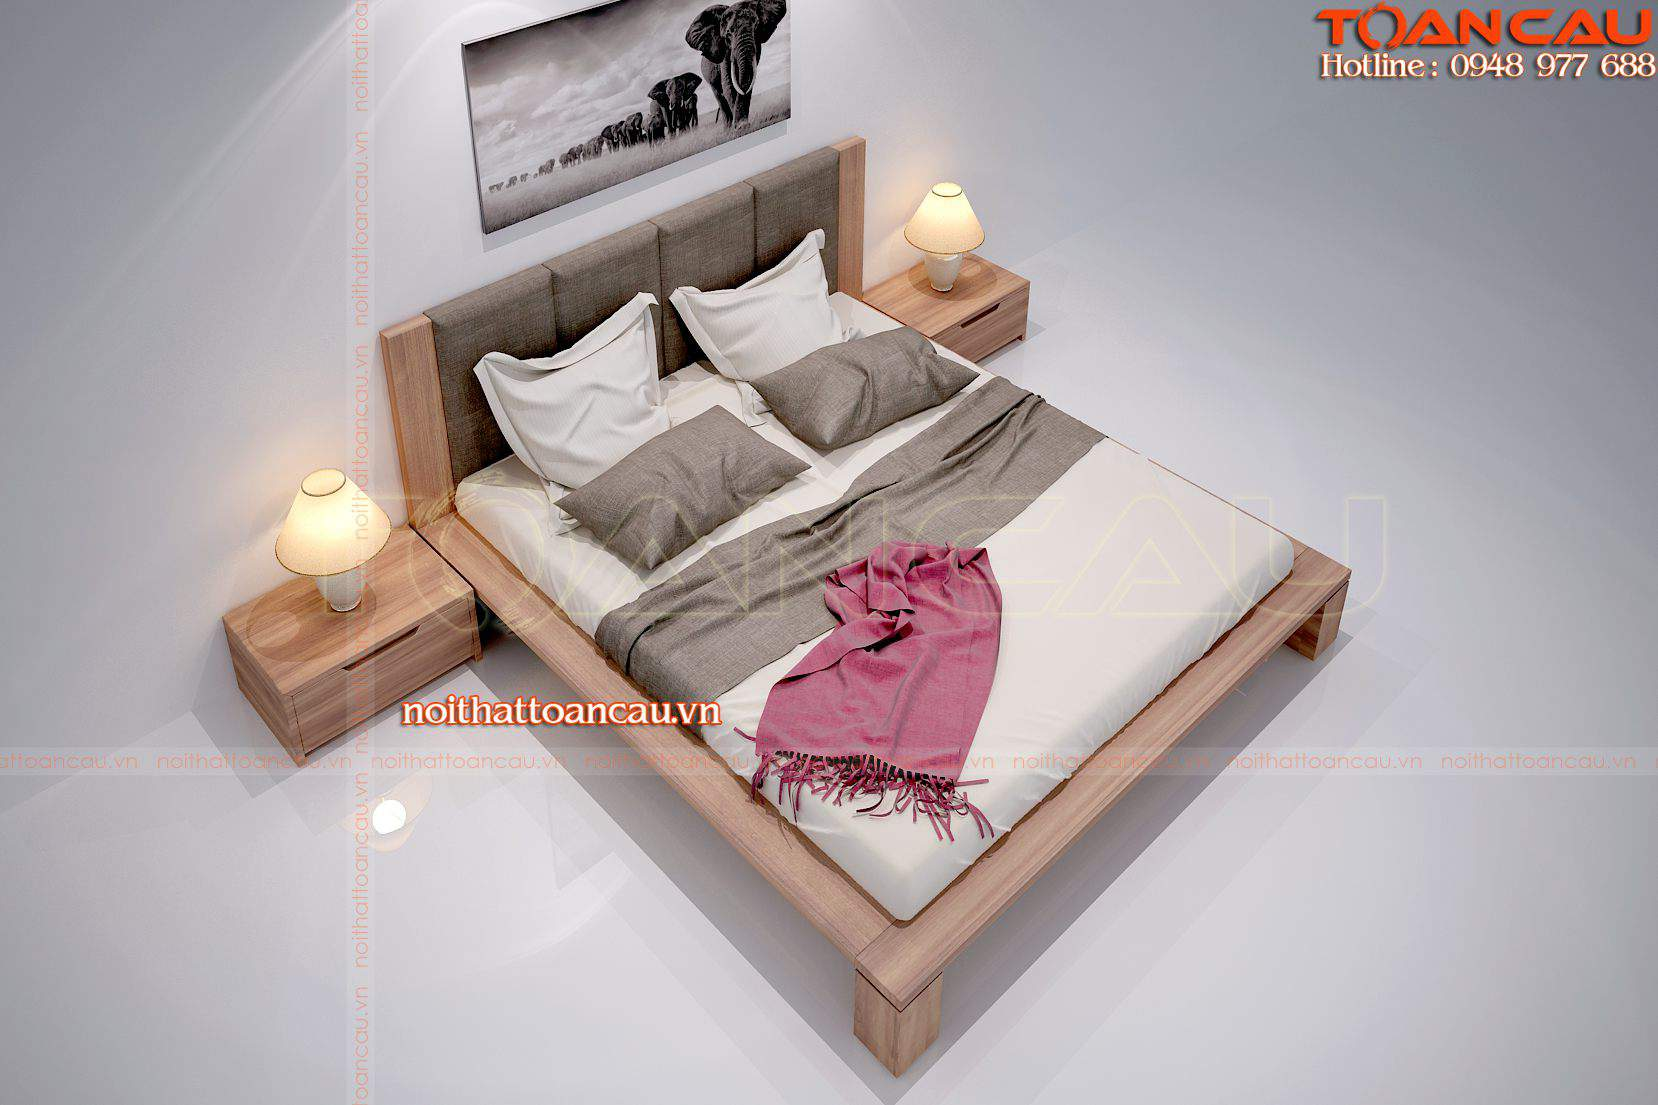 Giường ngủ bằng gỗ óc chó hiện đại